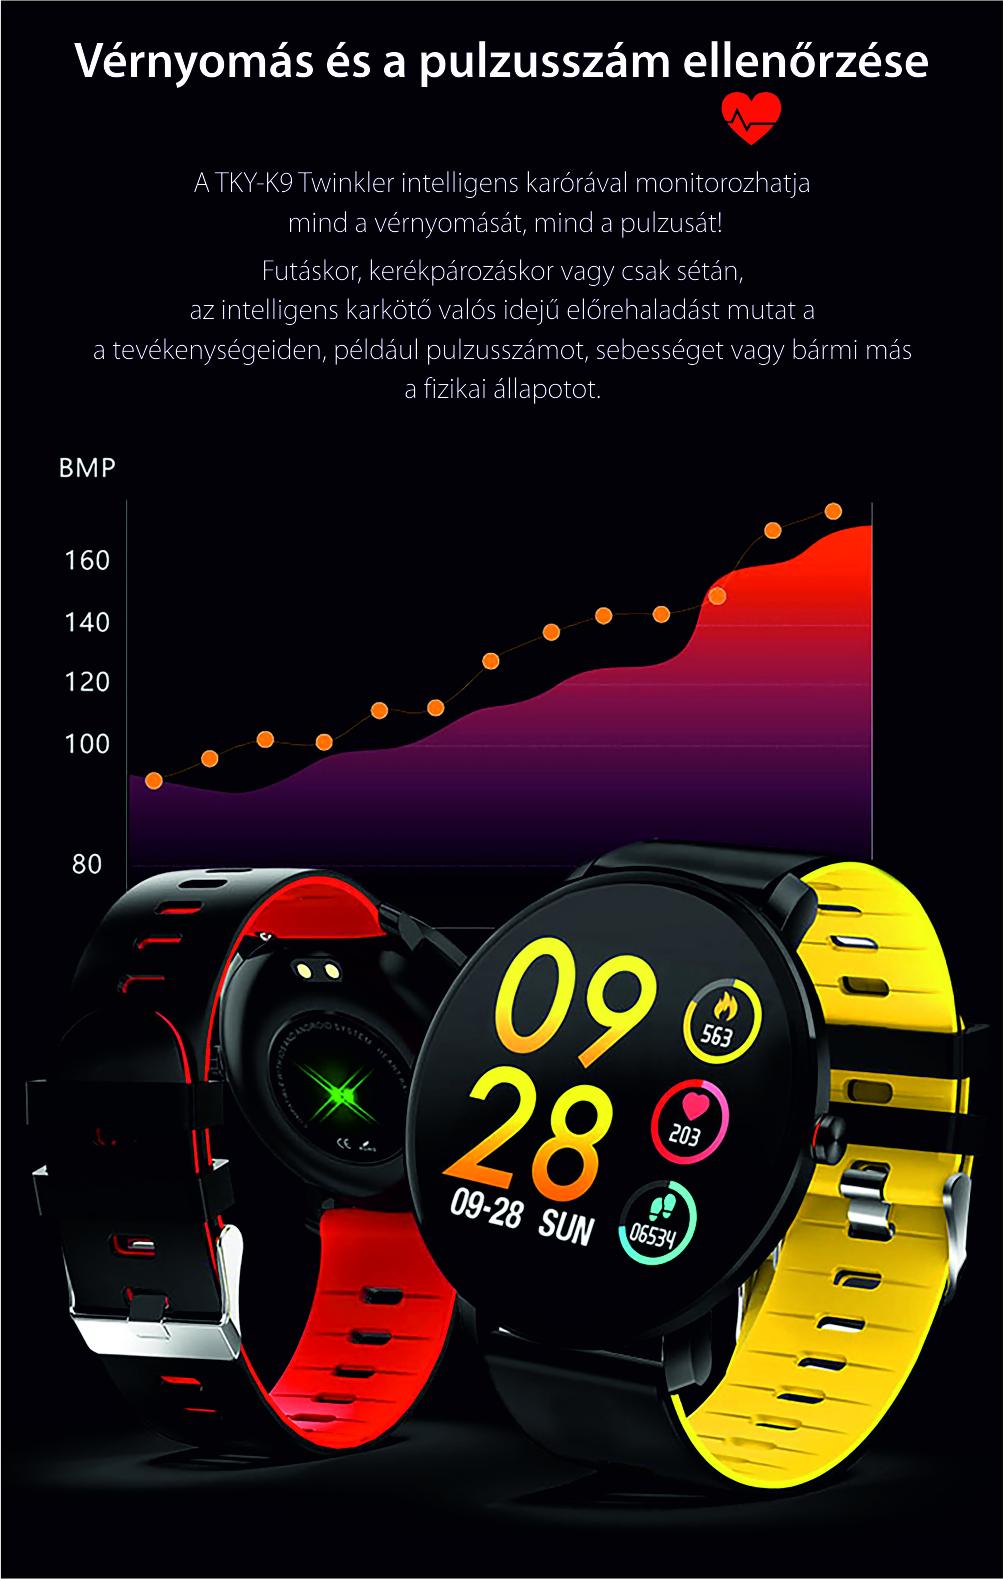 Okosóra TKY-K9 fitnesz, Fém, Pulzusmérő funkció, Vérnyomásmérő funkcióval, Alvásfigyelő, Hívás/SMS Értesítések, Véroxigénszint mérési funkcióval, Ezüst színű